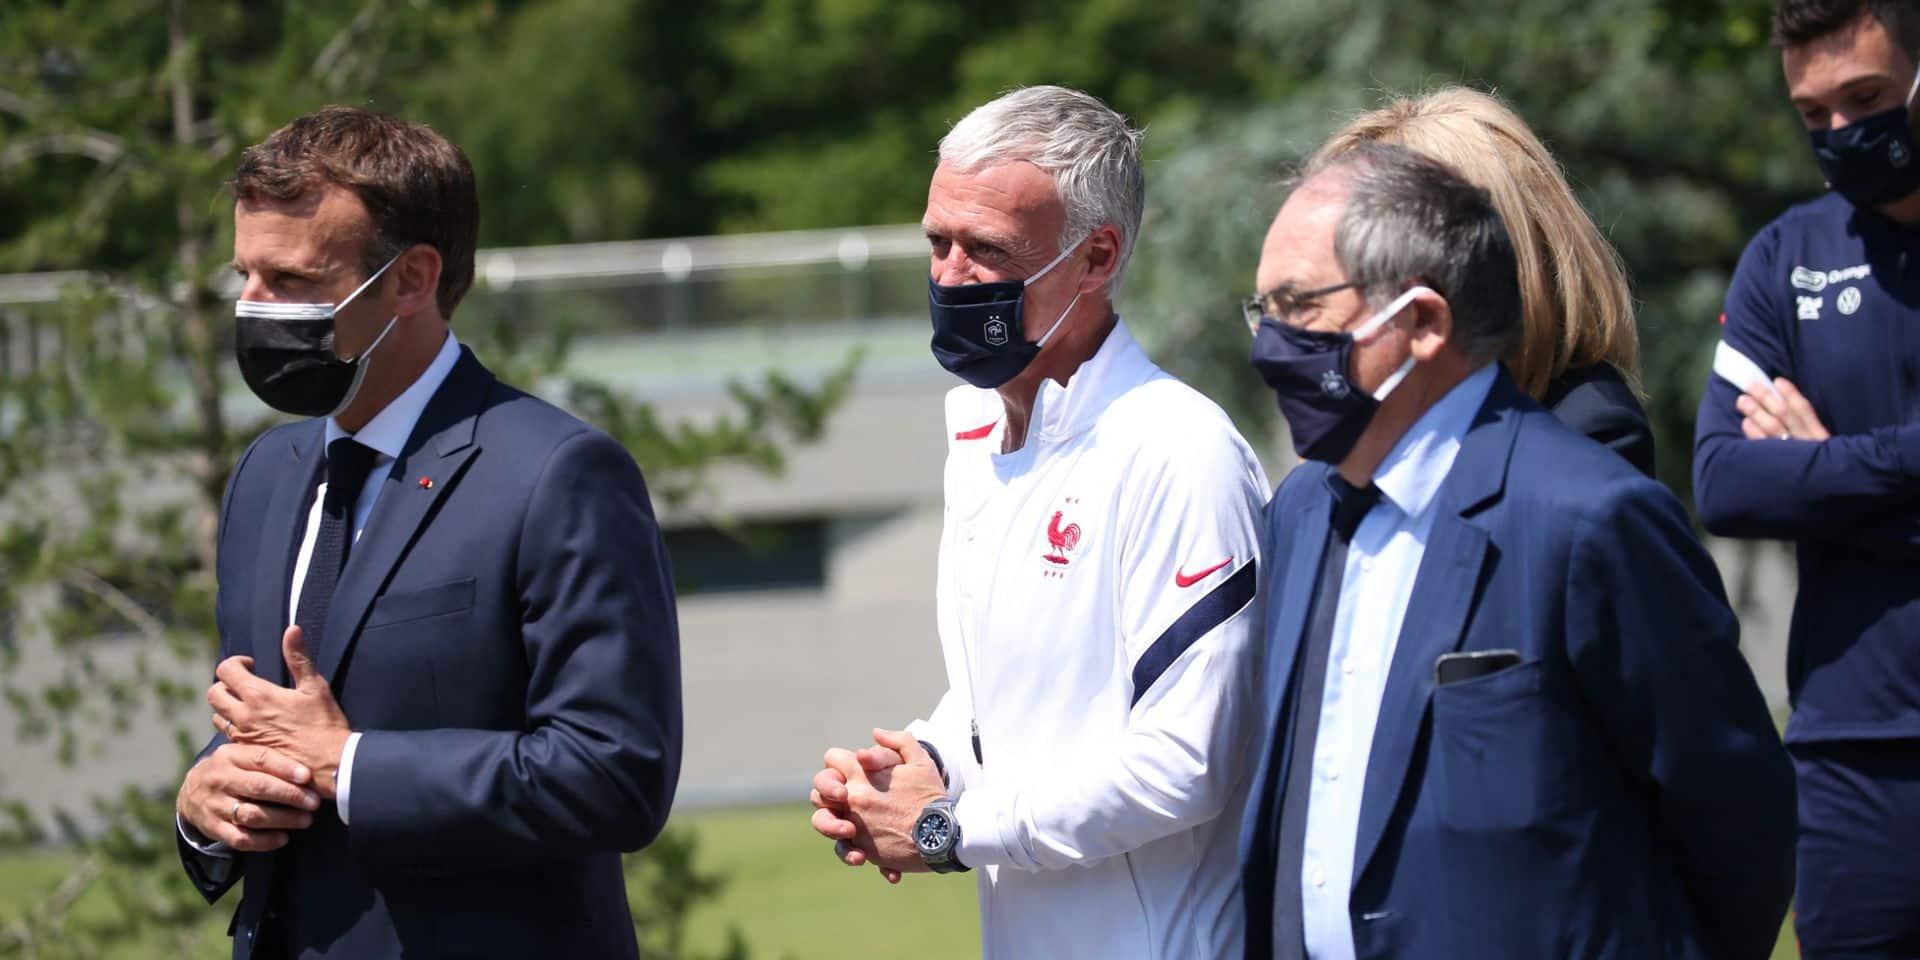 Le président Emmanuel Macron titulaire aux côtés d'Arsène Wenger et Marcel Desailly dans un match caritatif